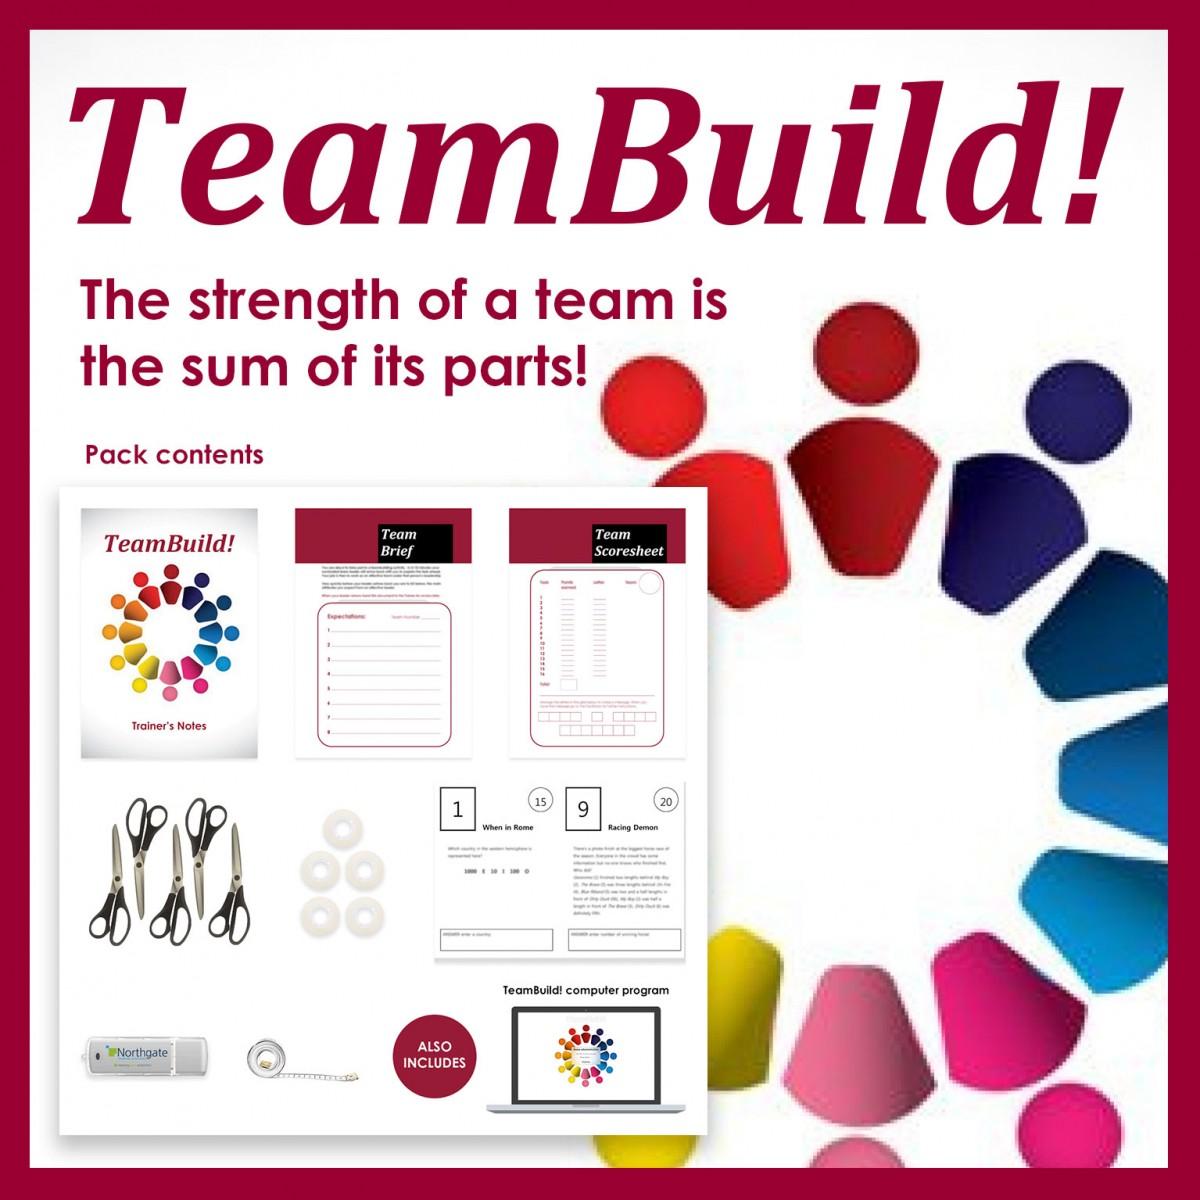 TeamBuild